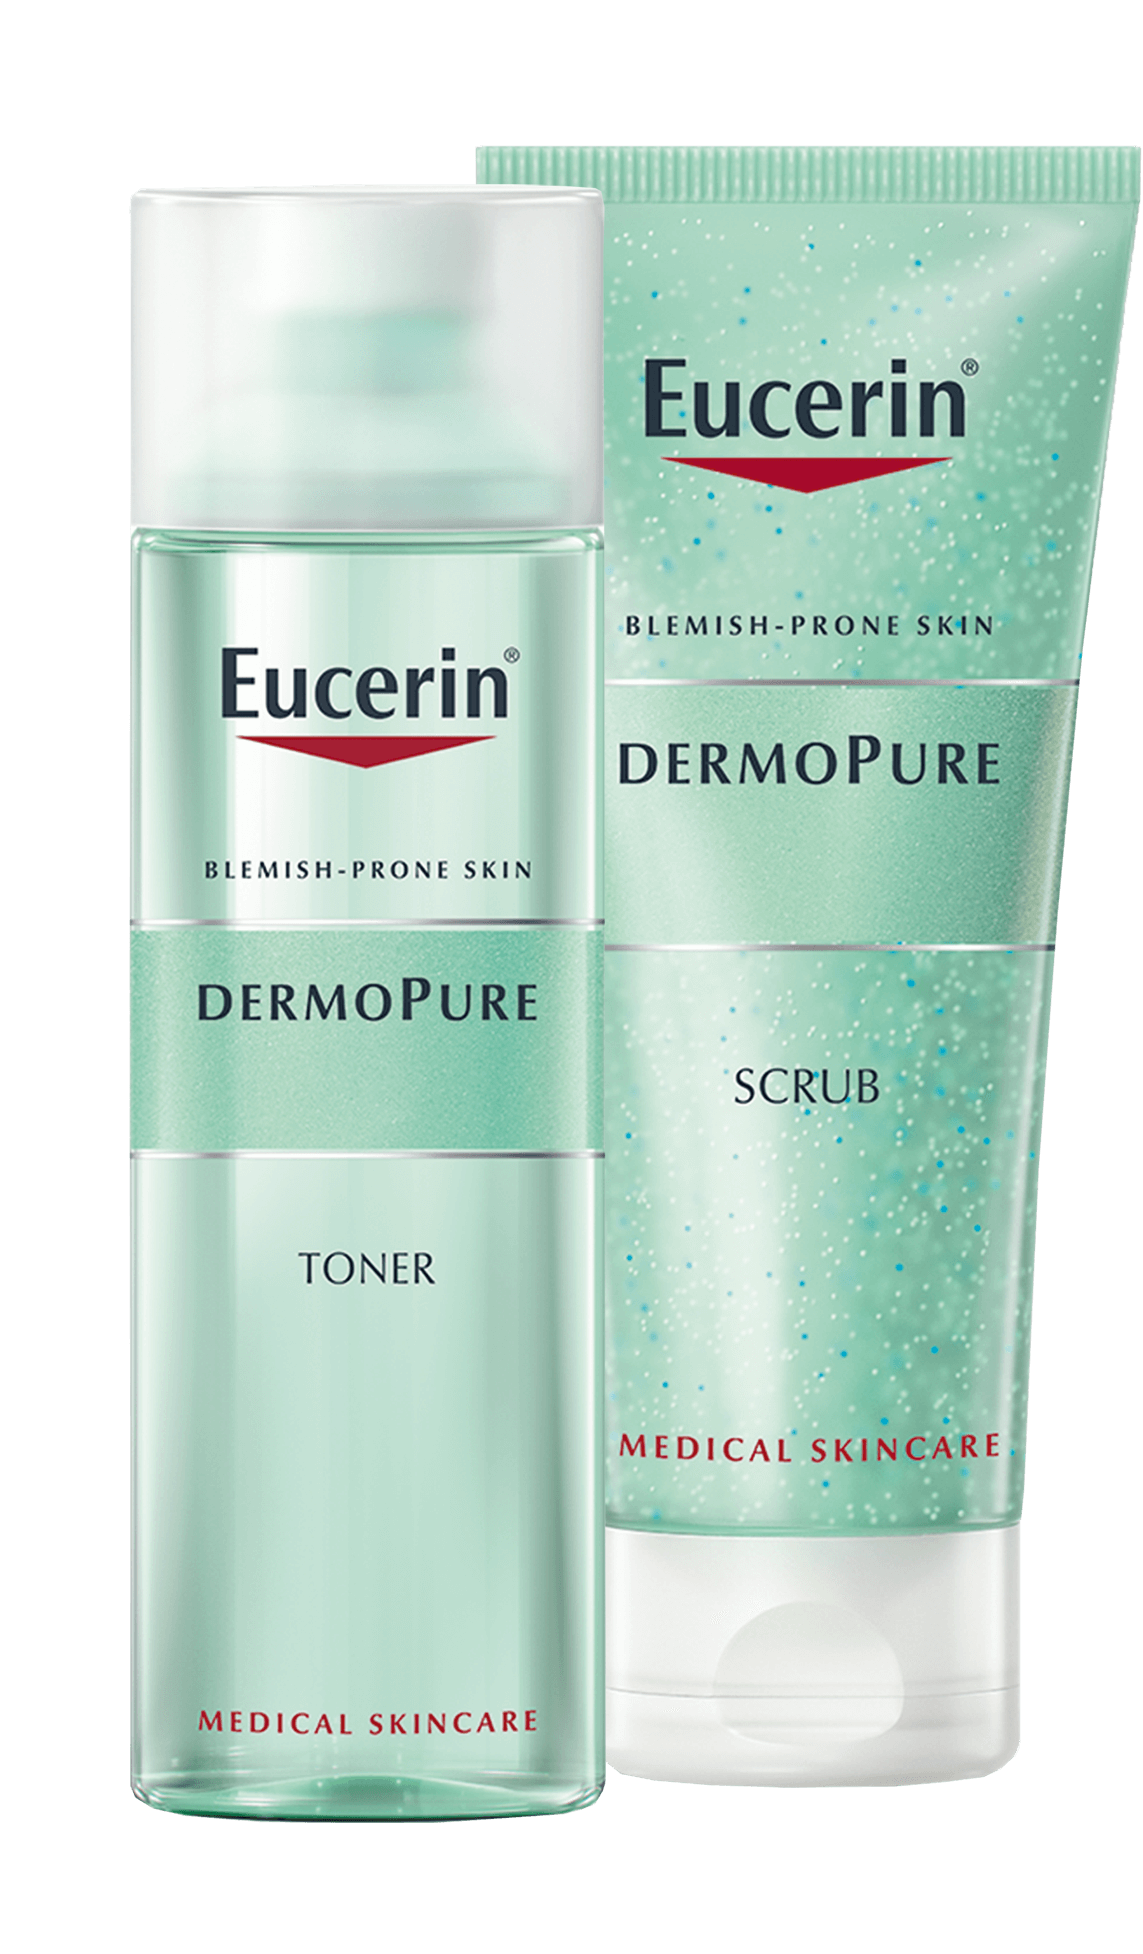 Eucerin Packaging